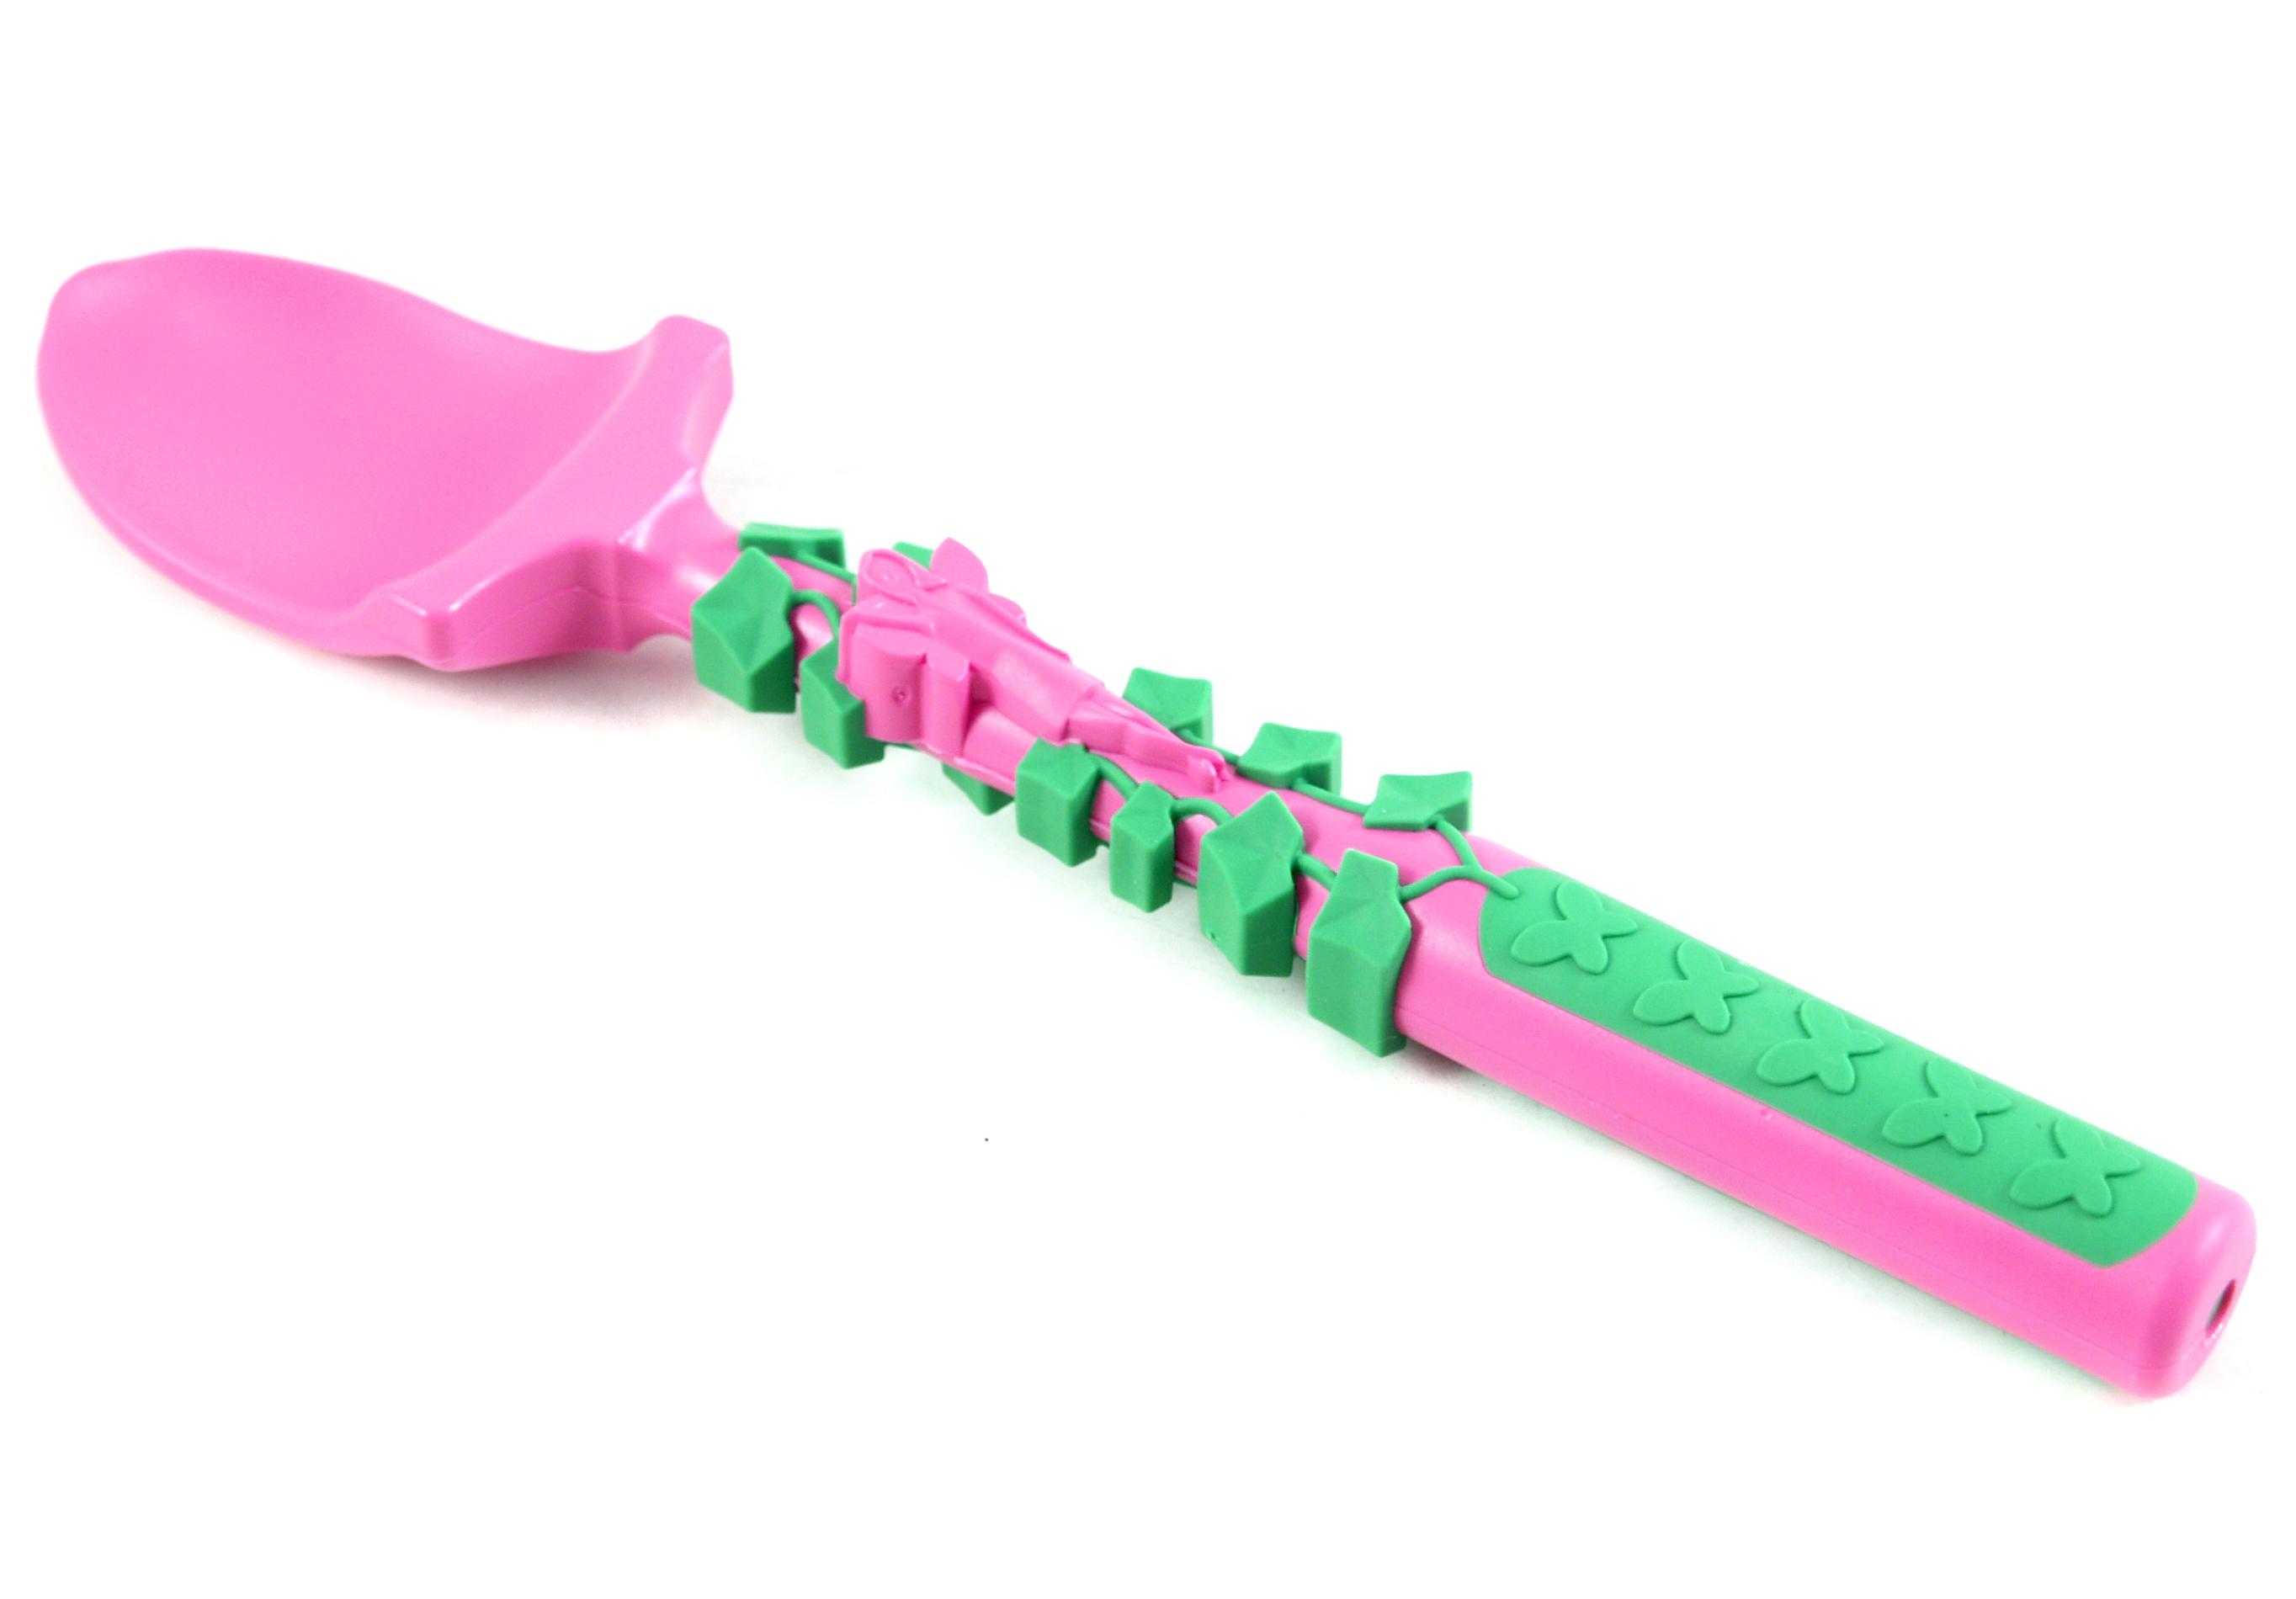 Constructive Eating Garden Fairy Vines Shovel Spoon Utensil